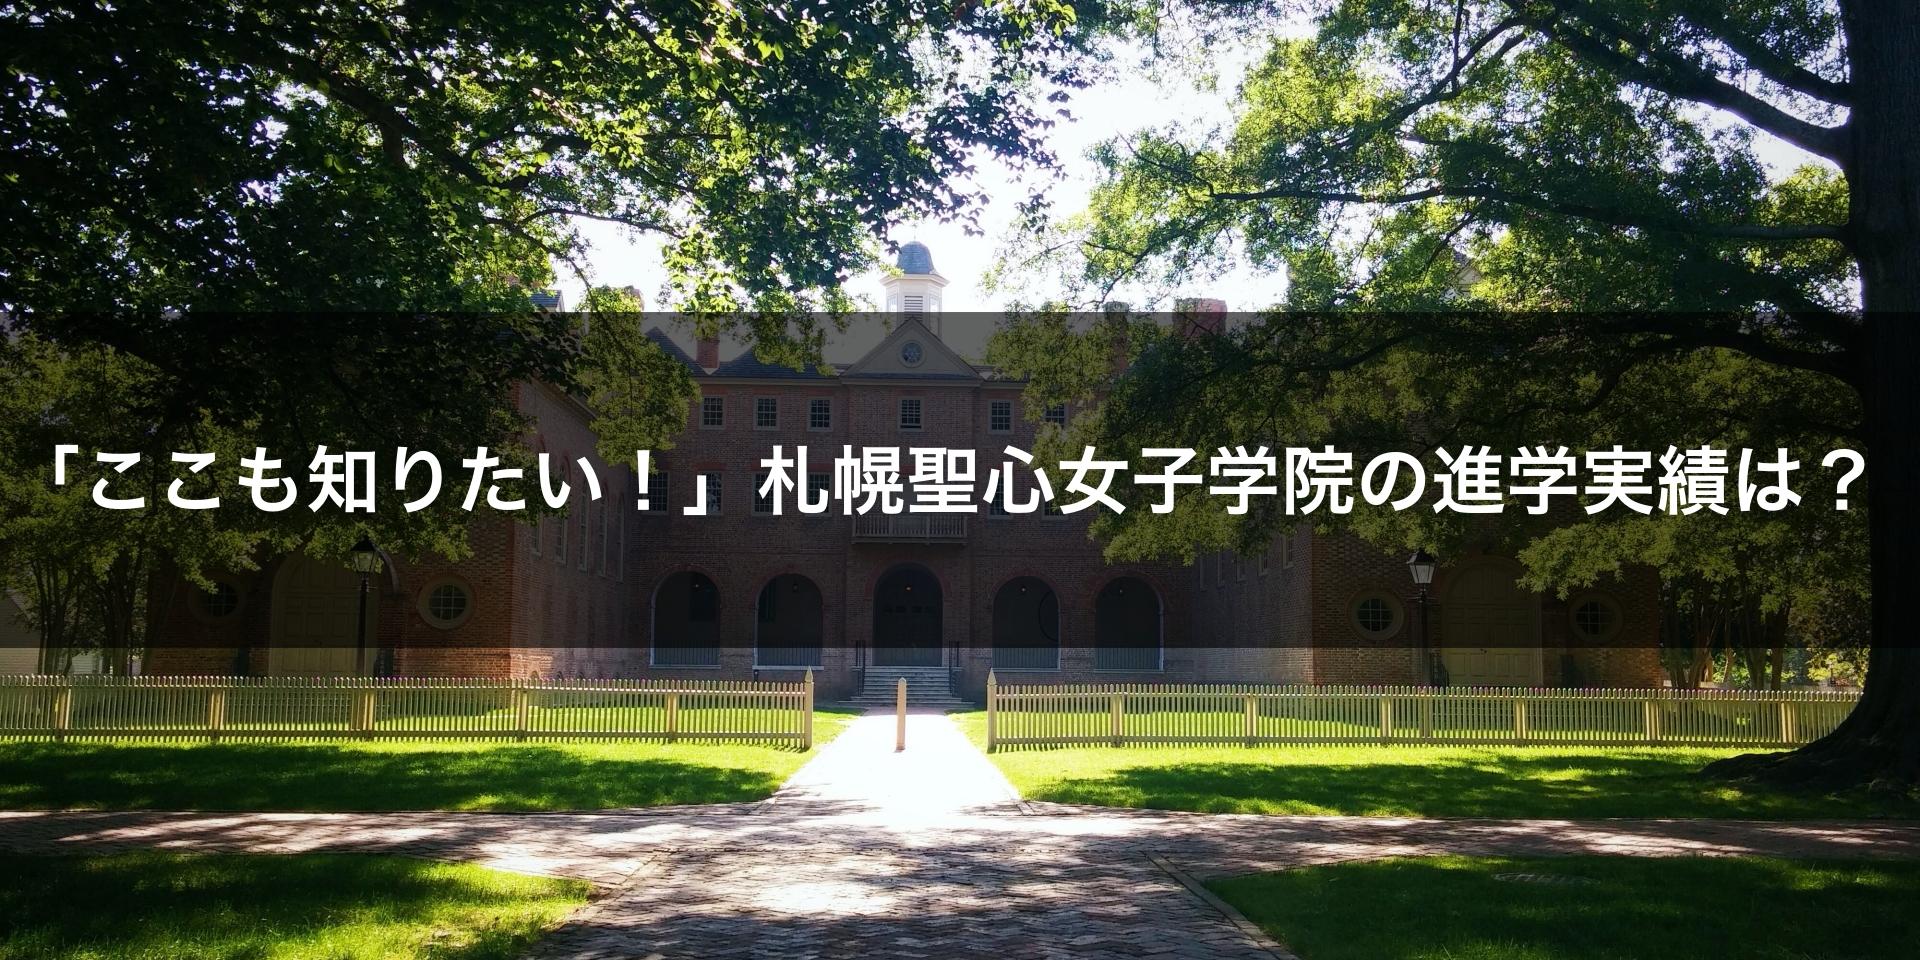 札幌聖心女子学院の進学実績は?